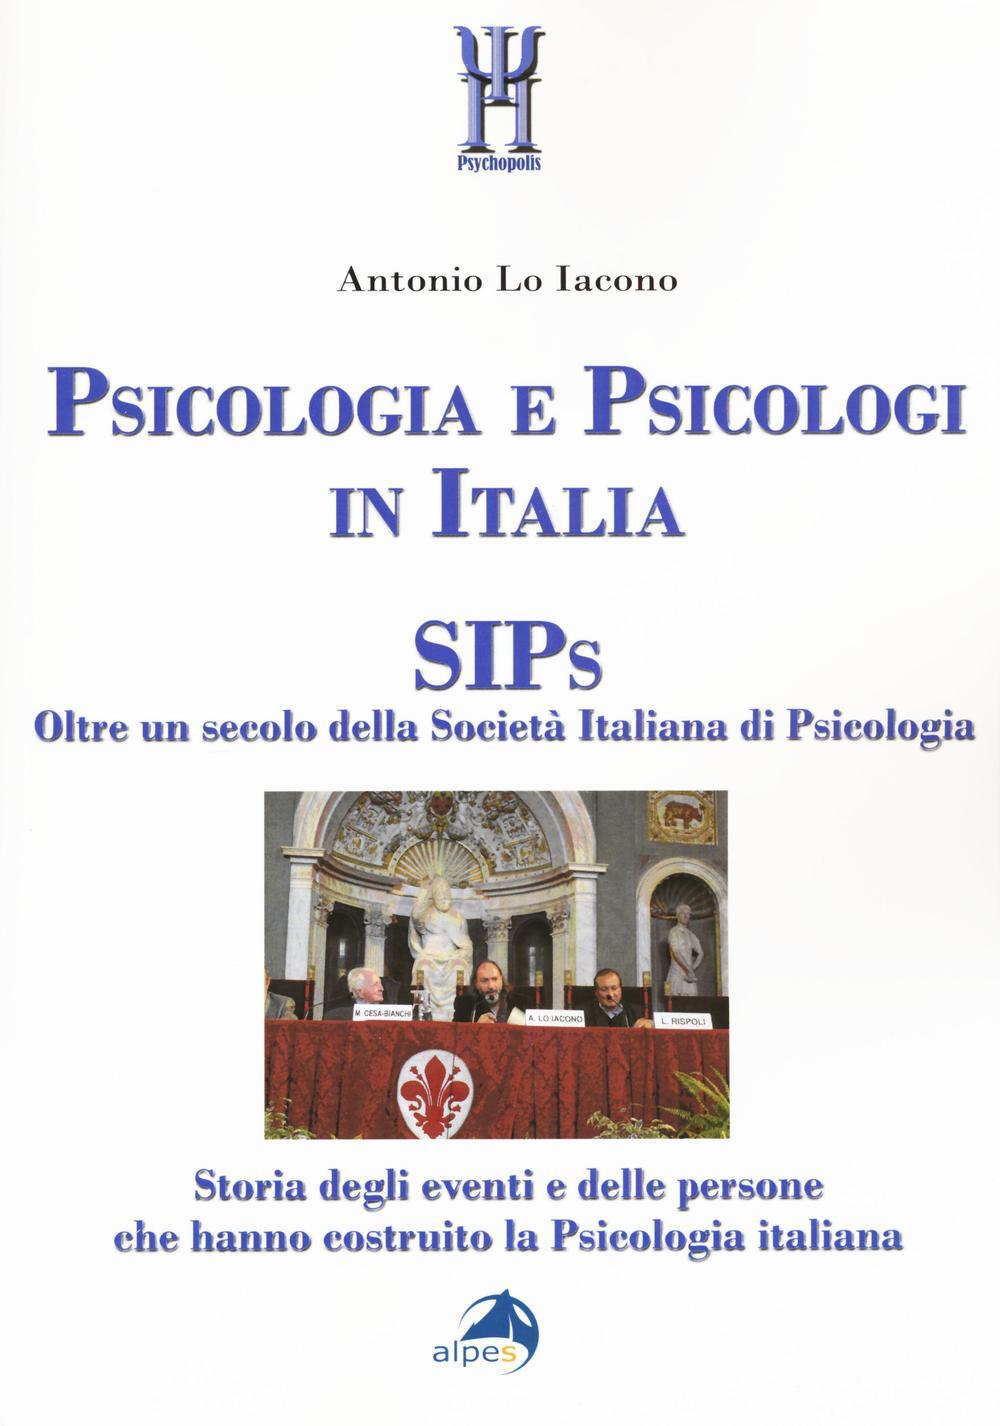 Image of Psicologia e psicologi in Italia. SIPs. Oltre un secolo della Società Italiana di Psicologia